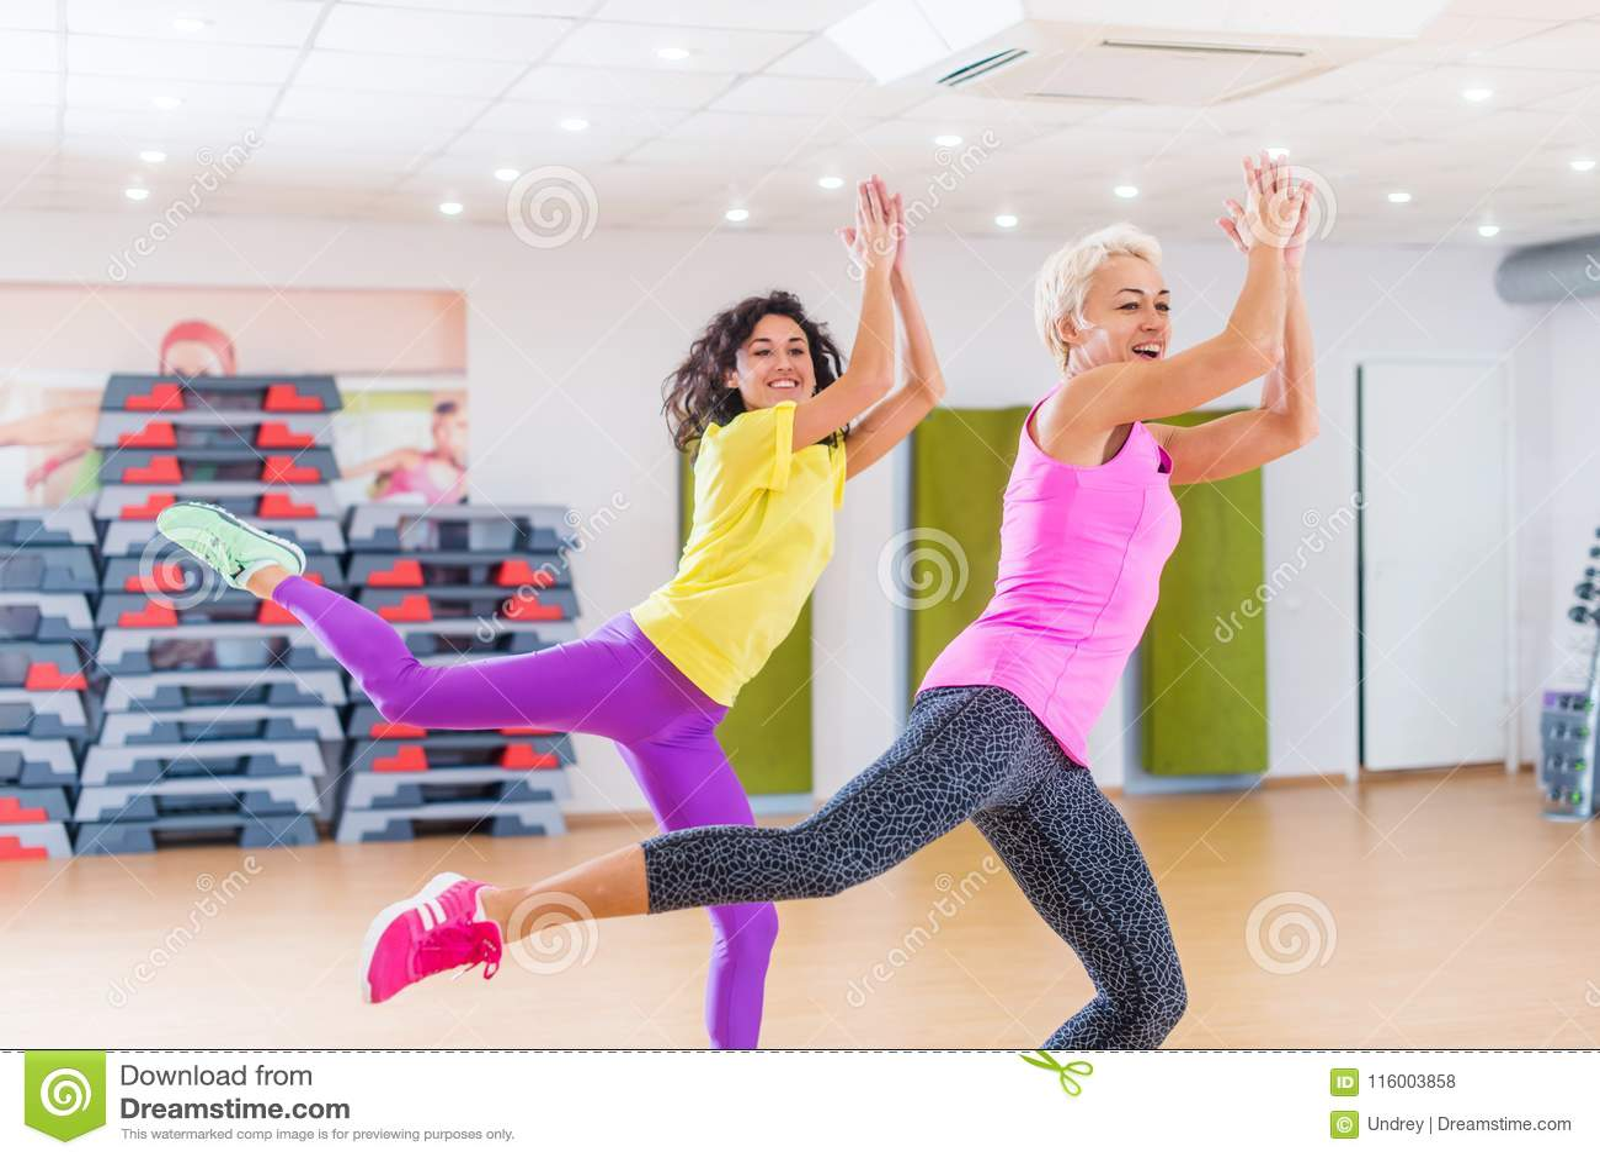 Danca para perder peso